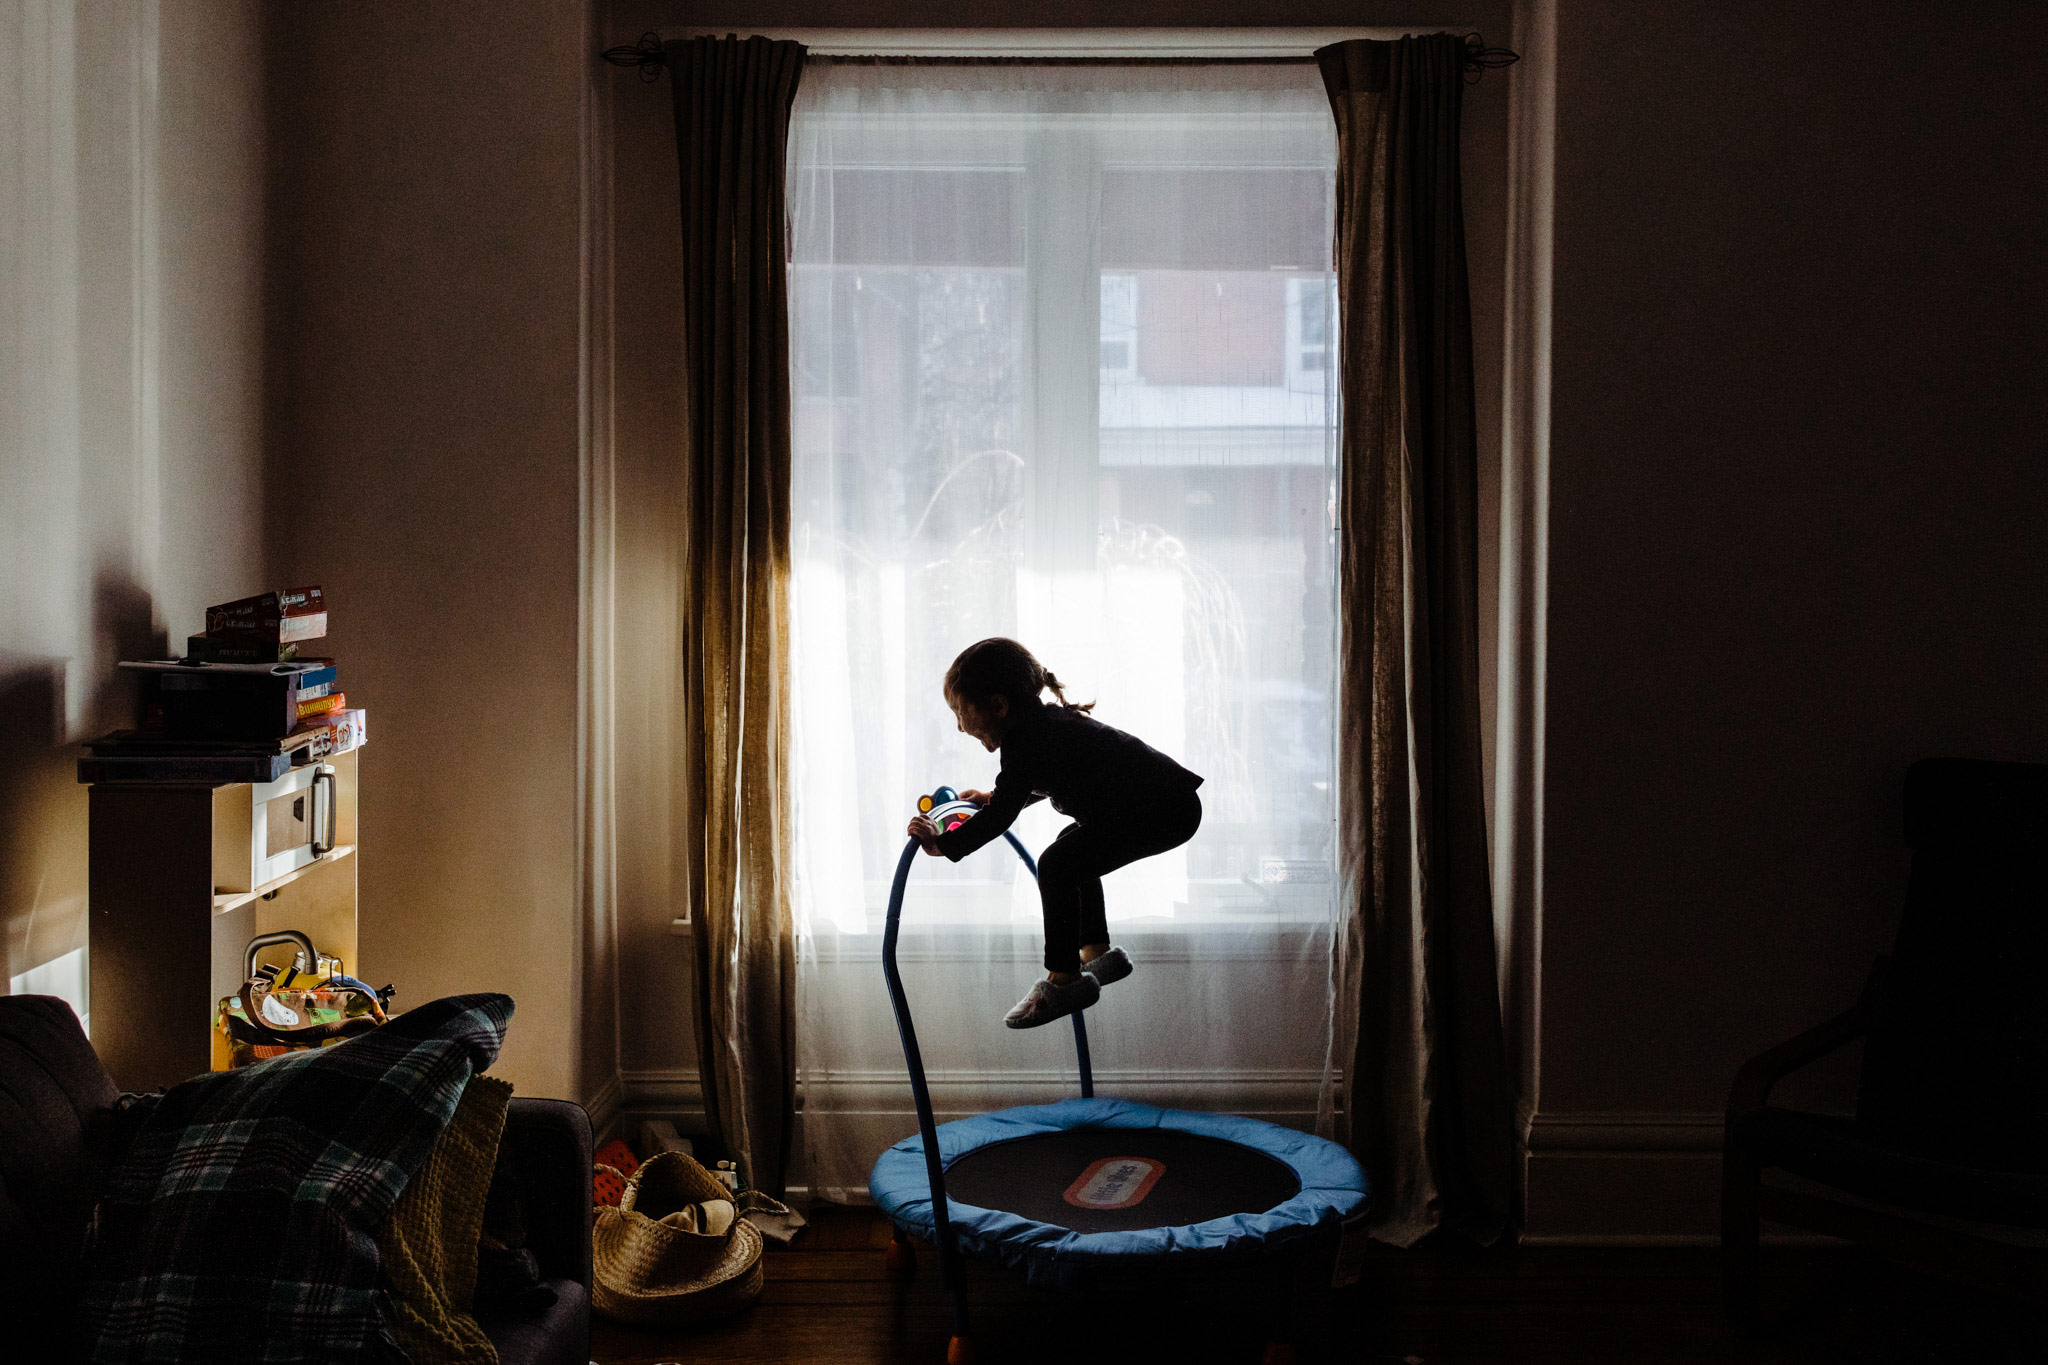 אוליבקי-קופצת-בסלון-2048-לאתר.jpg